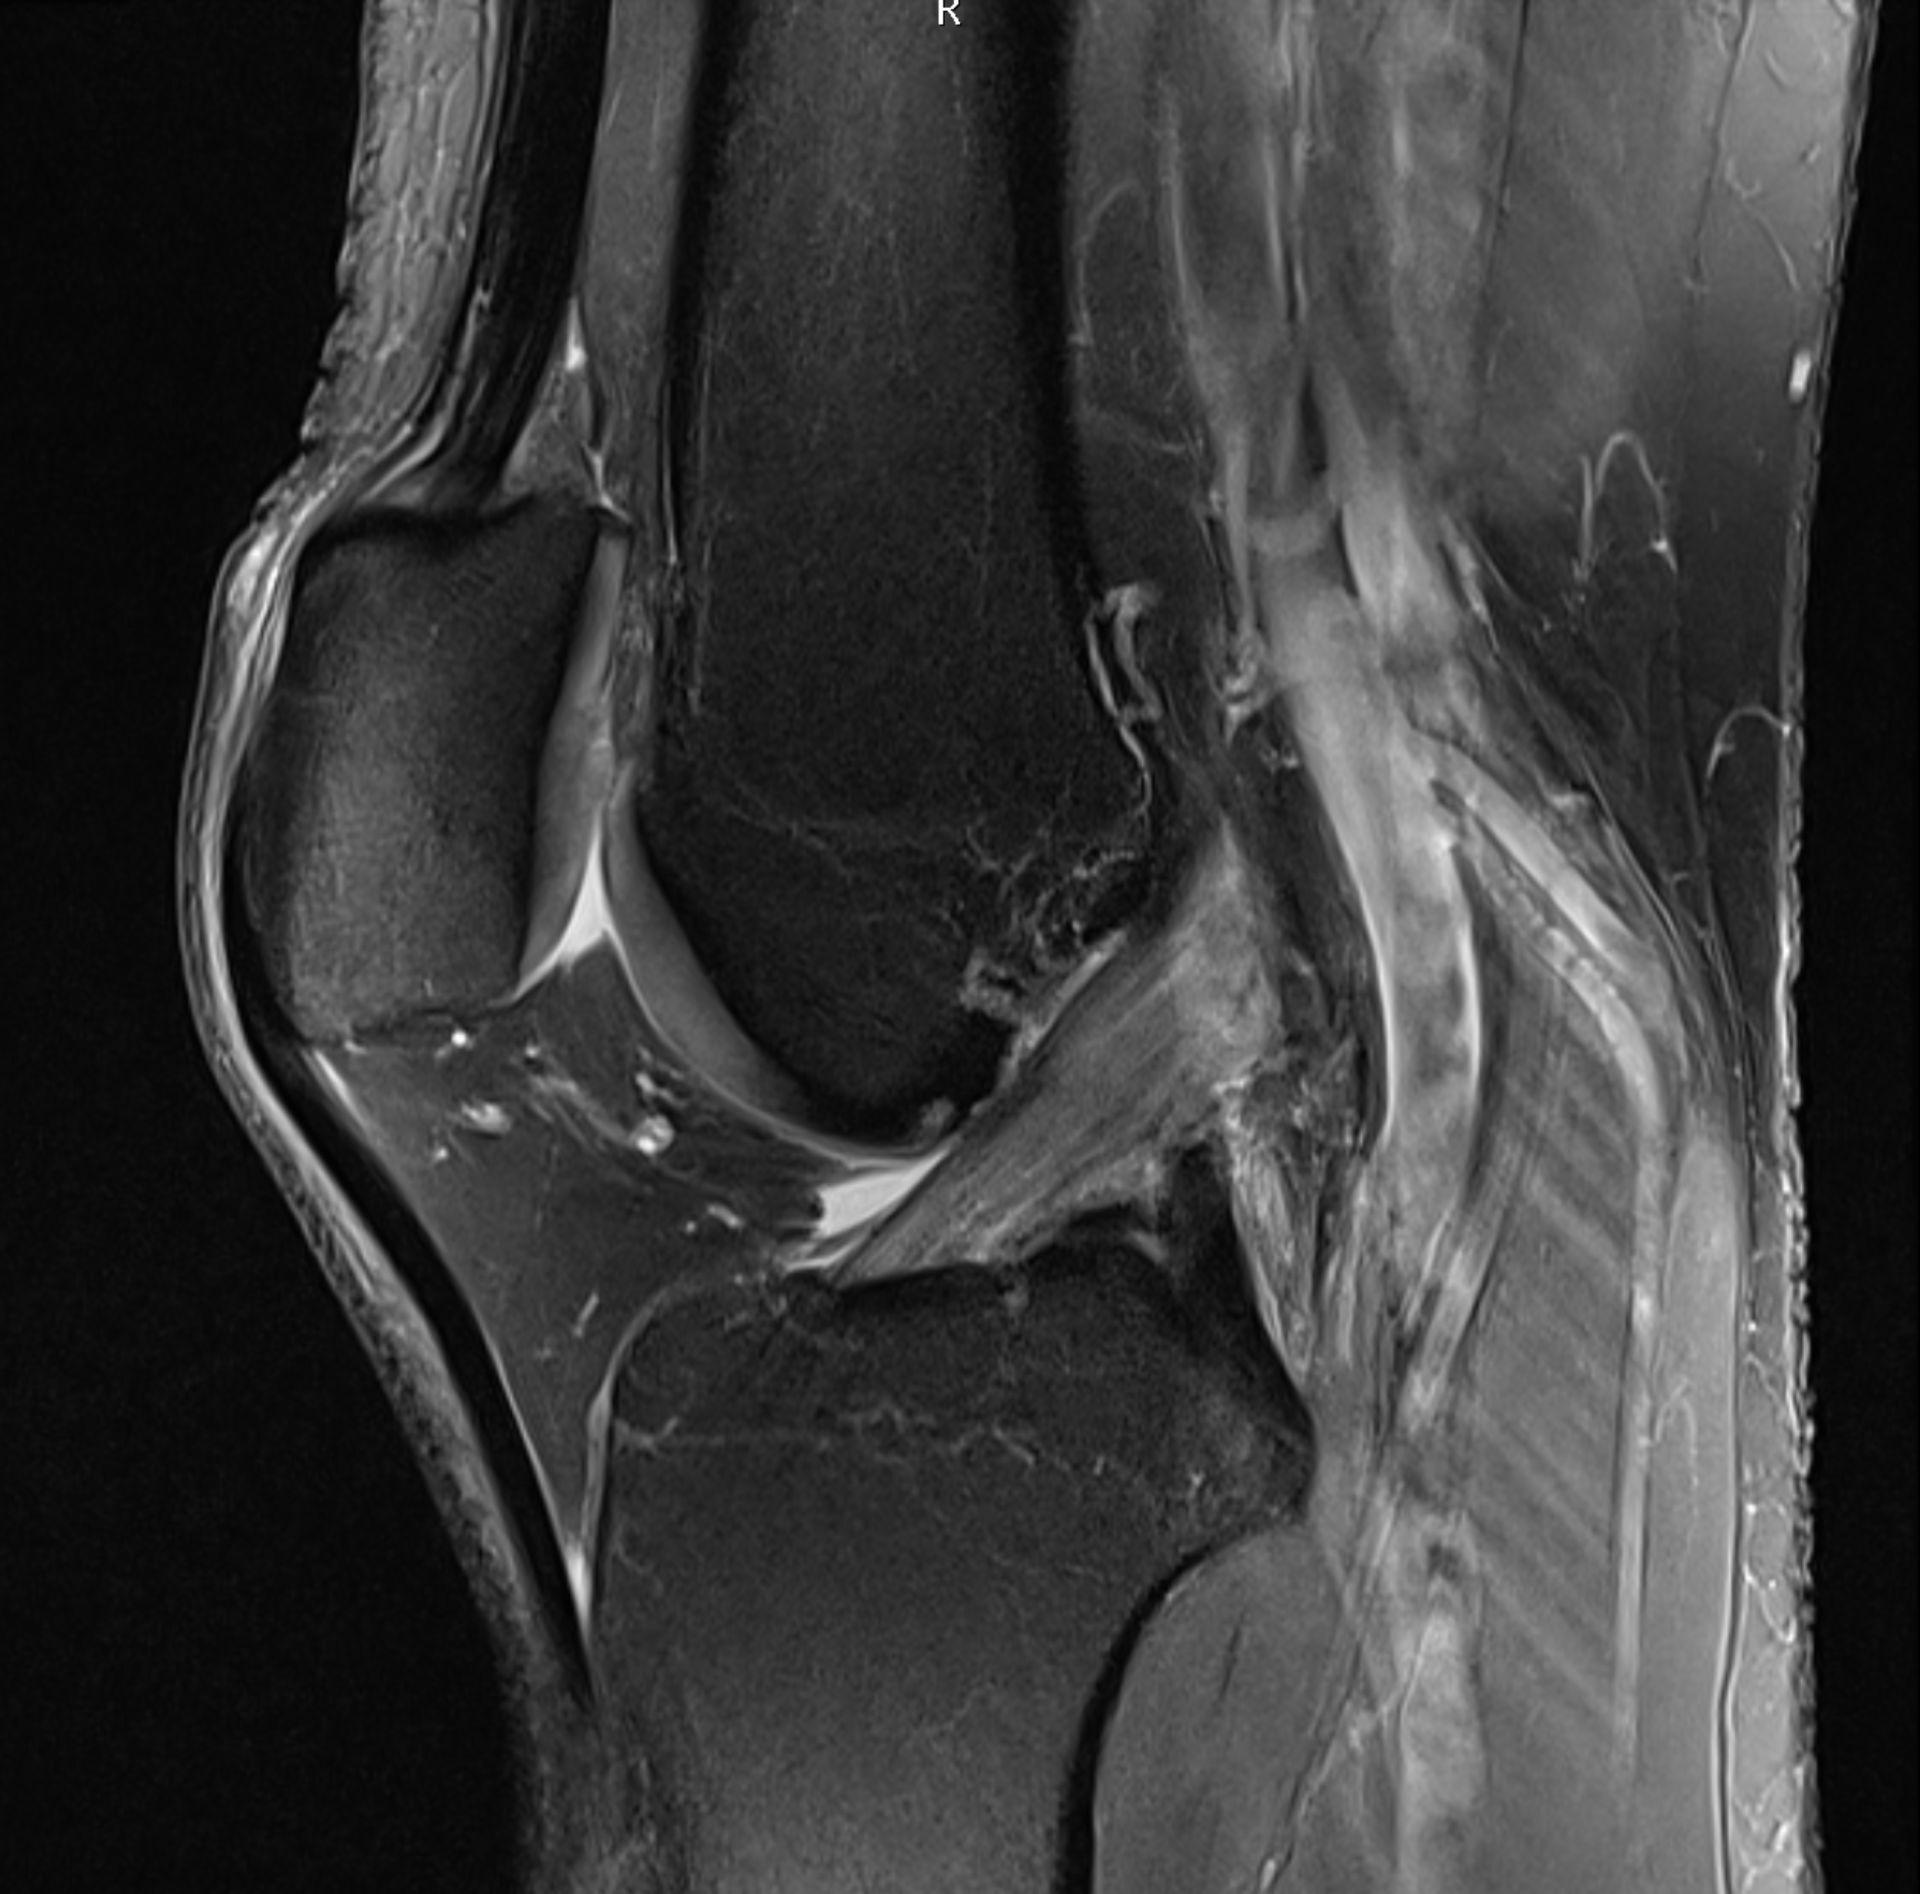 MRT Kniegelenk - Sagittalschnitt